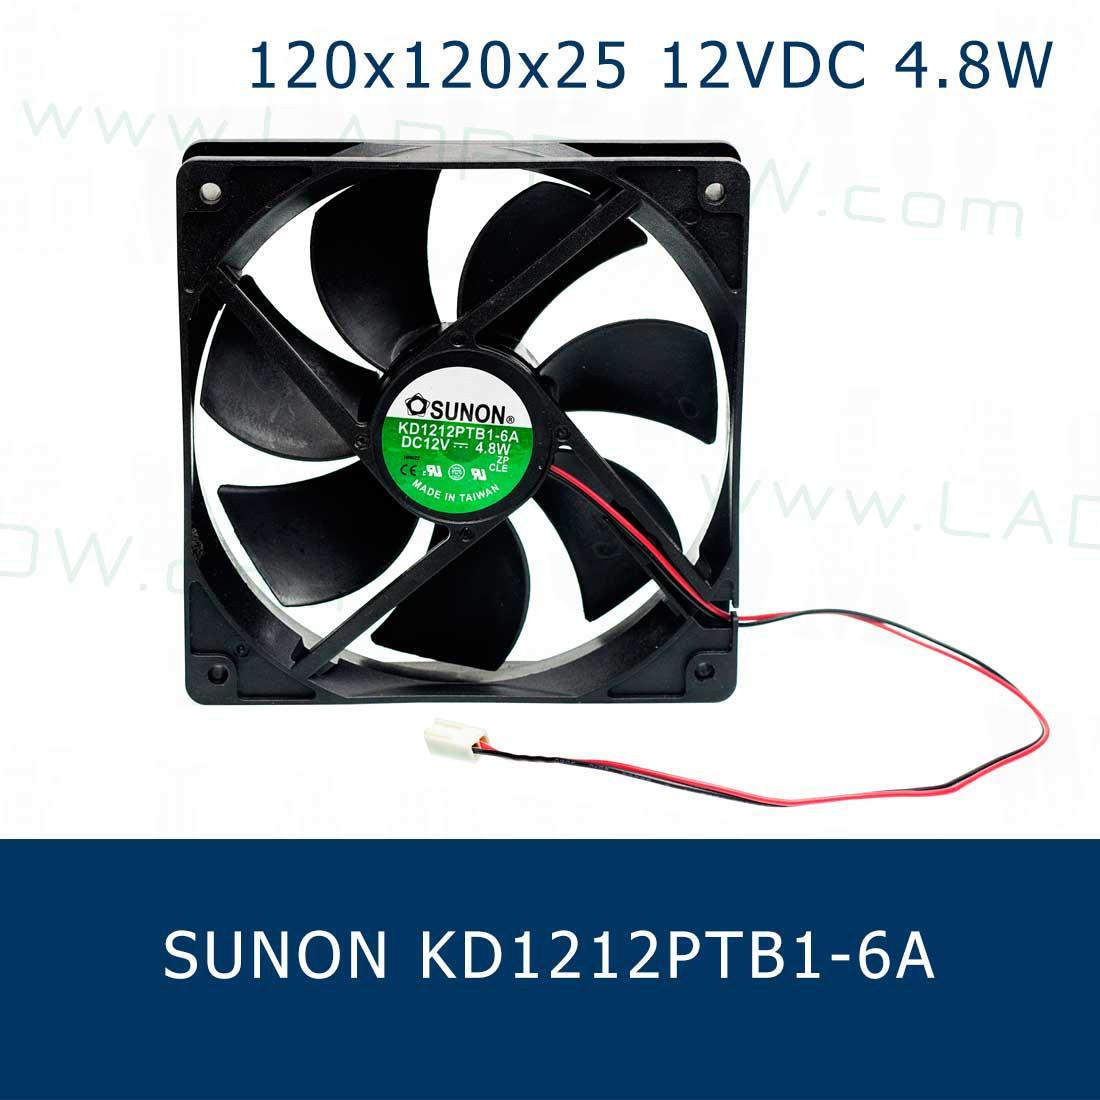 พัดลมระบายความร้อน 120x120x25mm 4inch 12VDC KD1212PTB1-6A Cooling fan